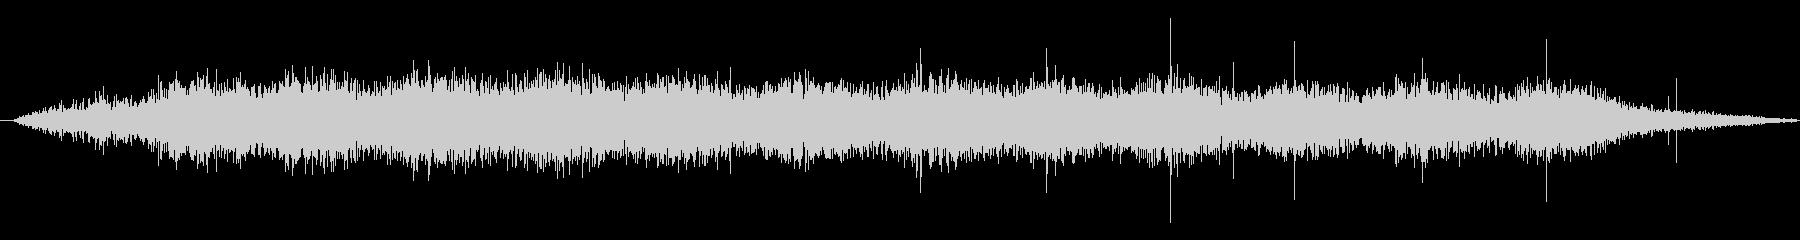 オイ!オイ!歓声(ライブ,コンサート等)の未再生の波形